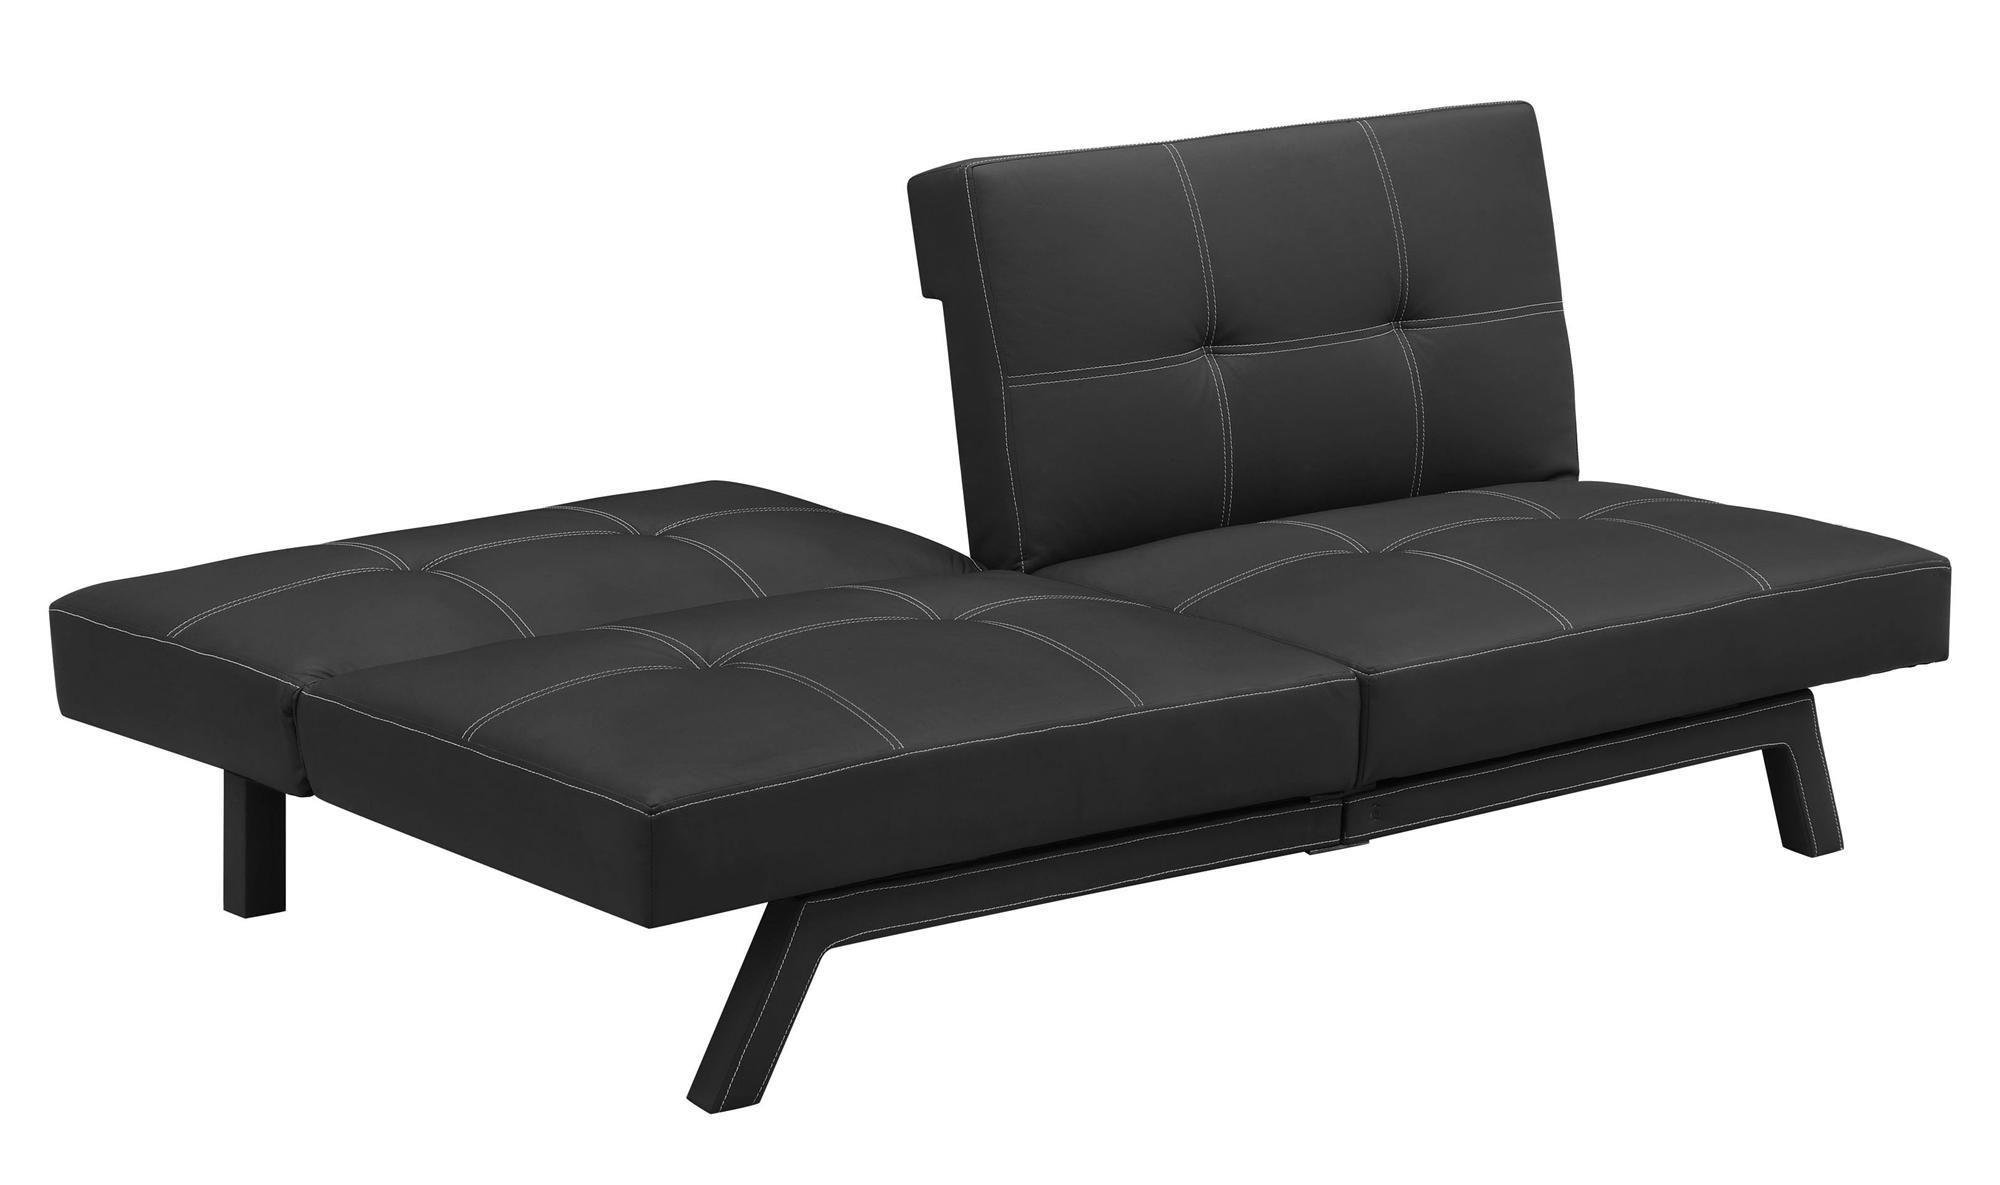 Dhp Furniture Delaney Splitback Futon Futon Sofa Bed Futon